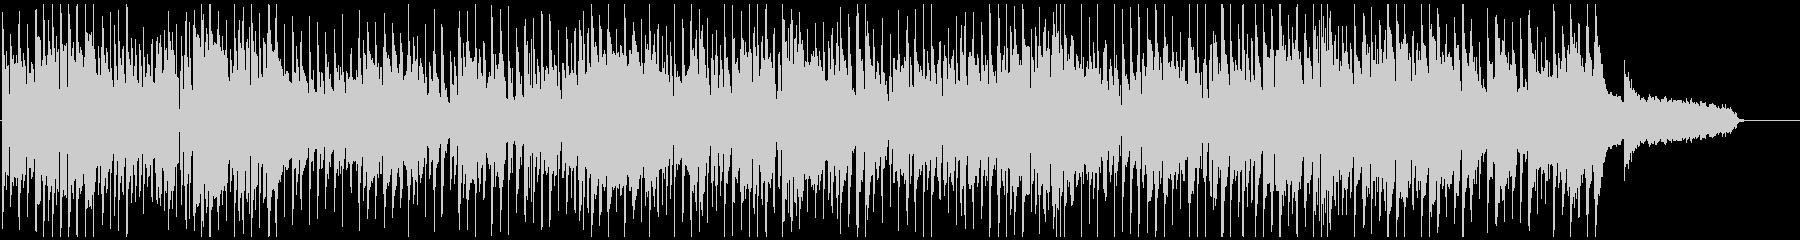 ノリノリなサックス生演奏のクラブジャズの未再生の波形